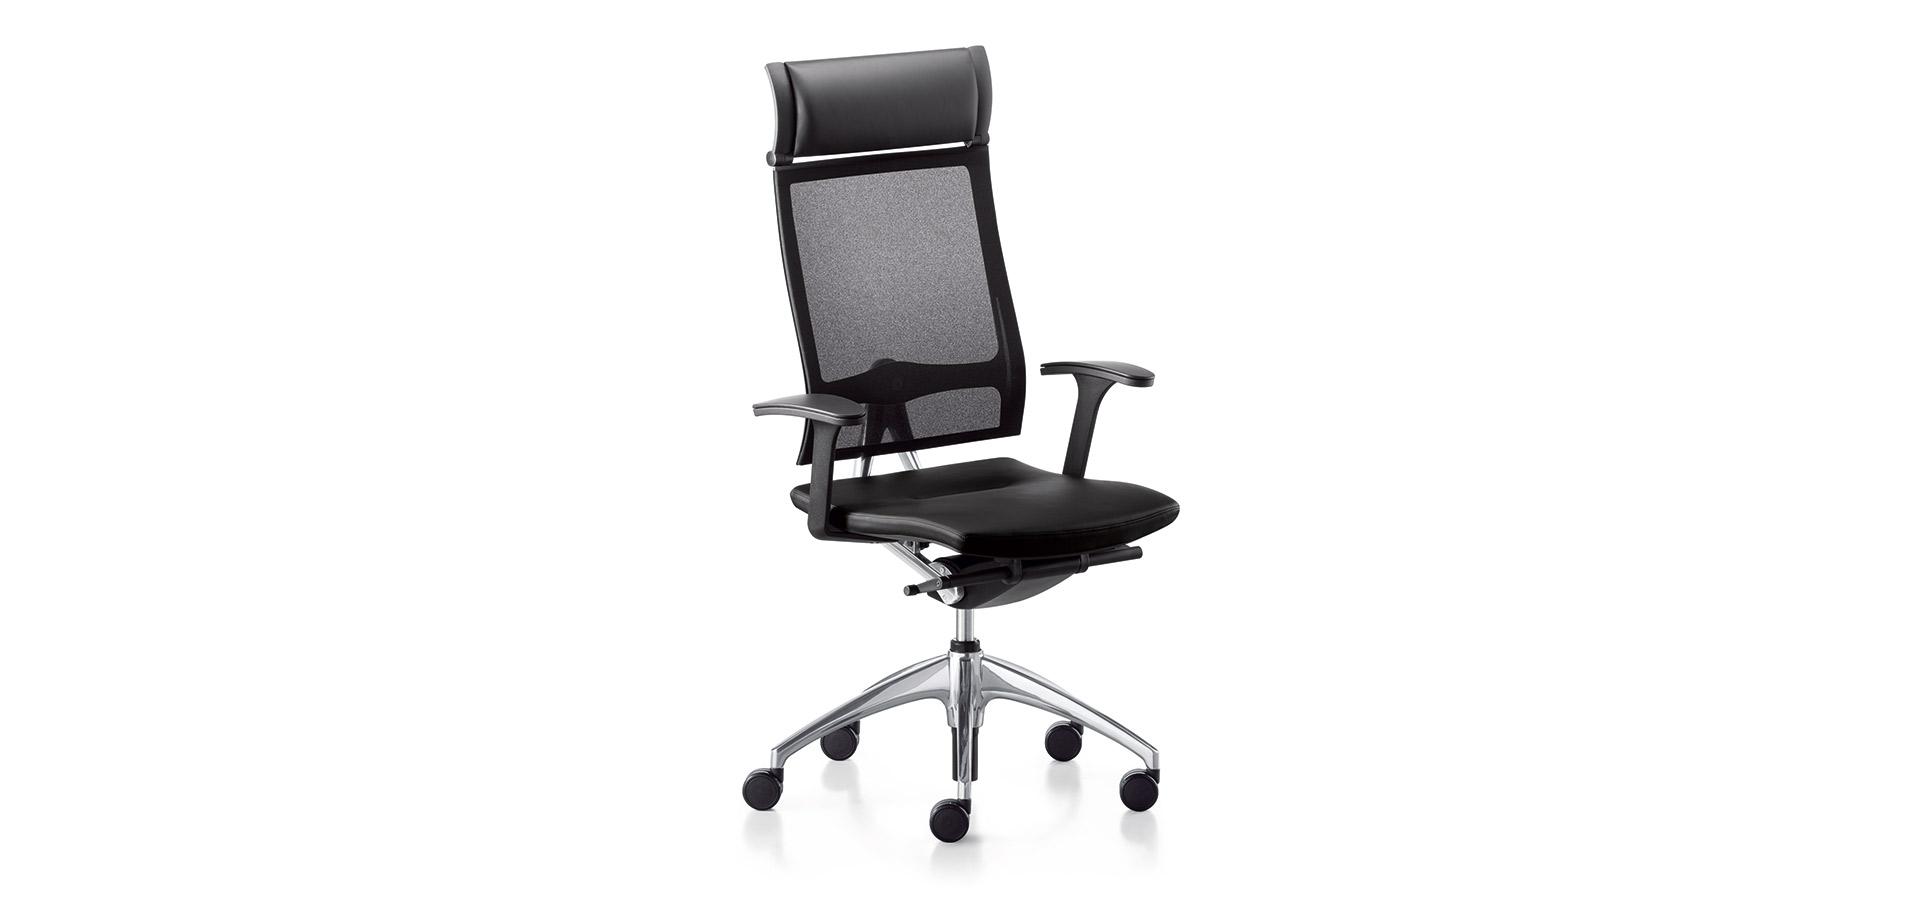 sedus open up bureaustoel up kantoorinrichting bureaustoelen. Black Bedroom Furniture Sets. Home Design Ideas